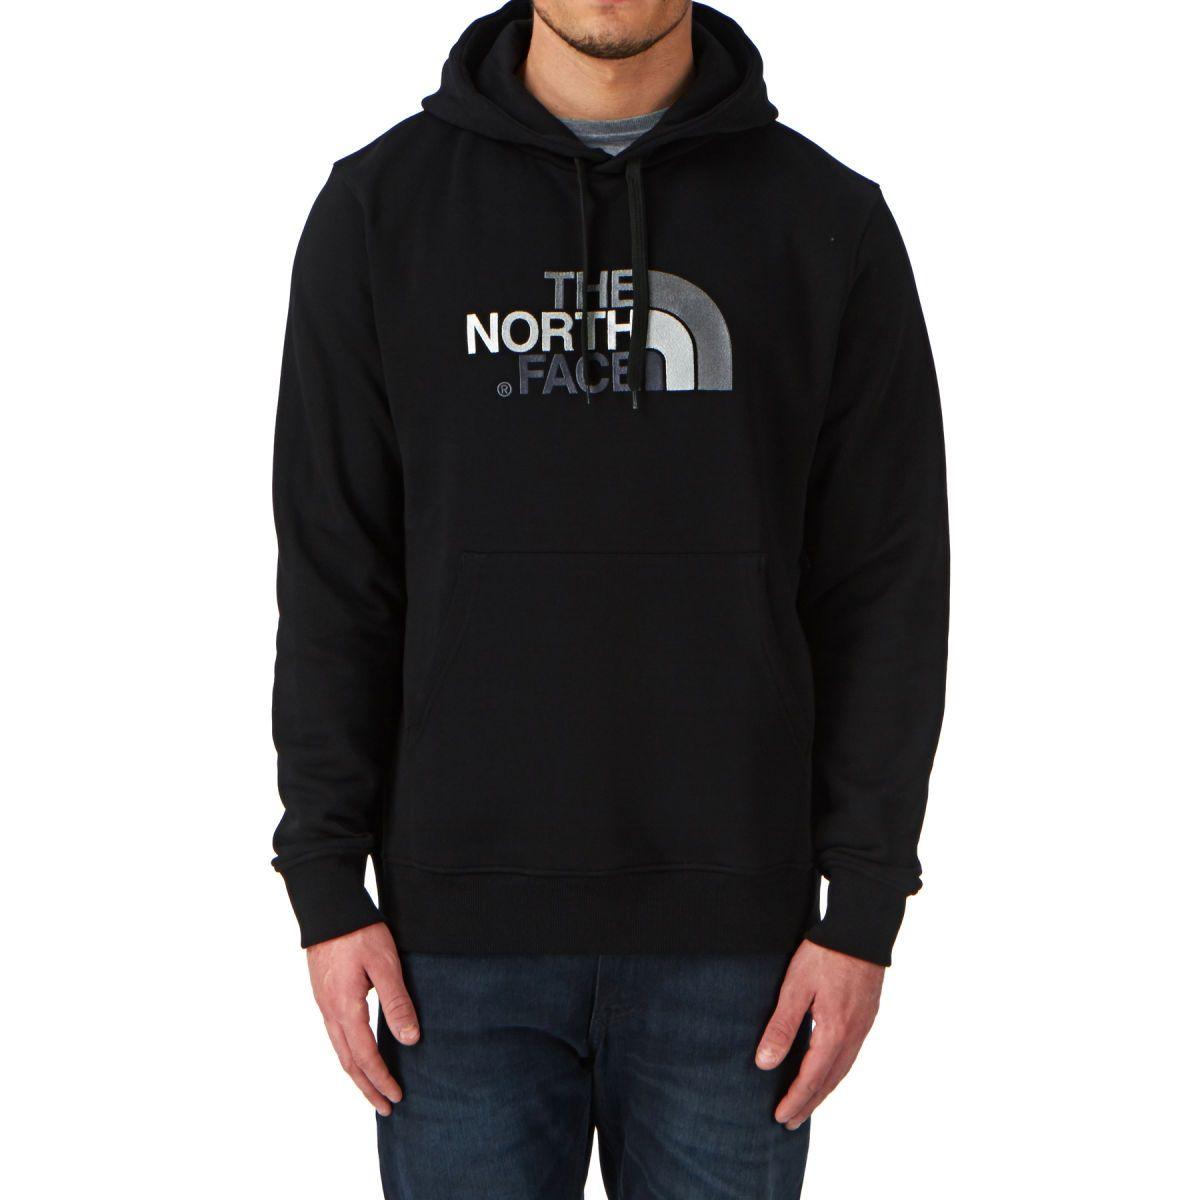 856c43159 North Face Drew Peak Pullover Hoody in 2019 | streetwear | Hoodies ...